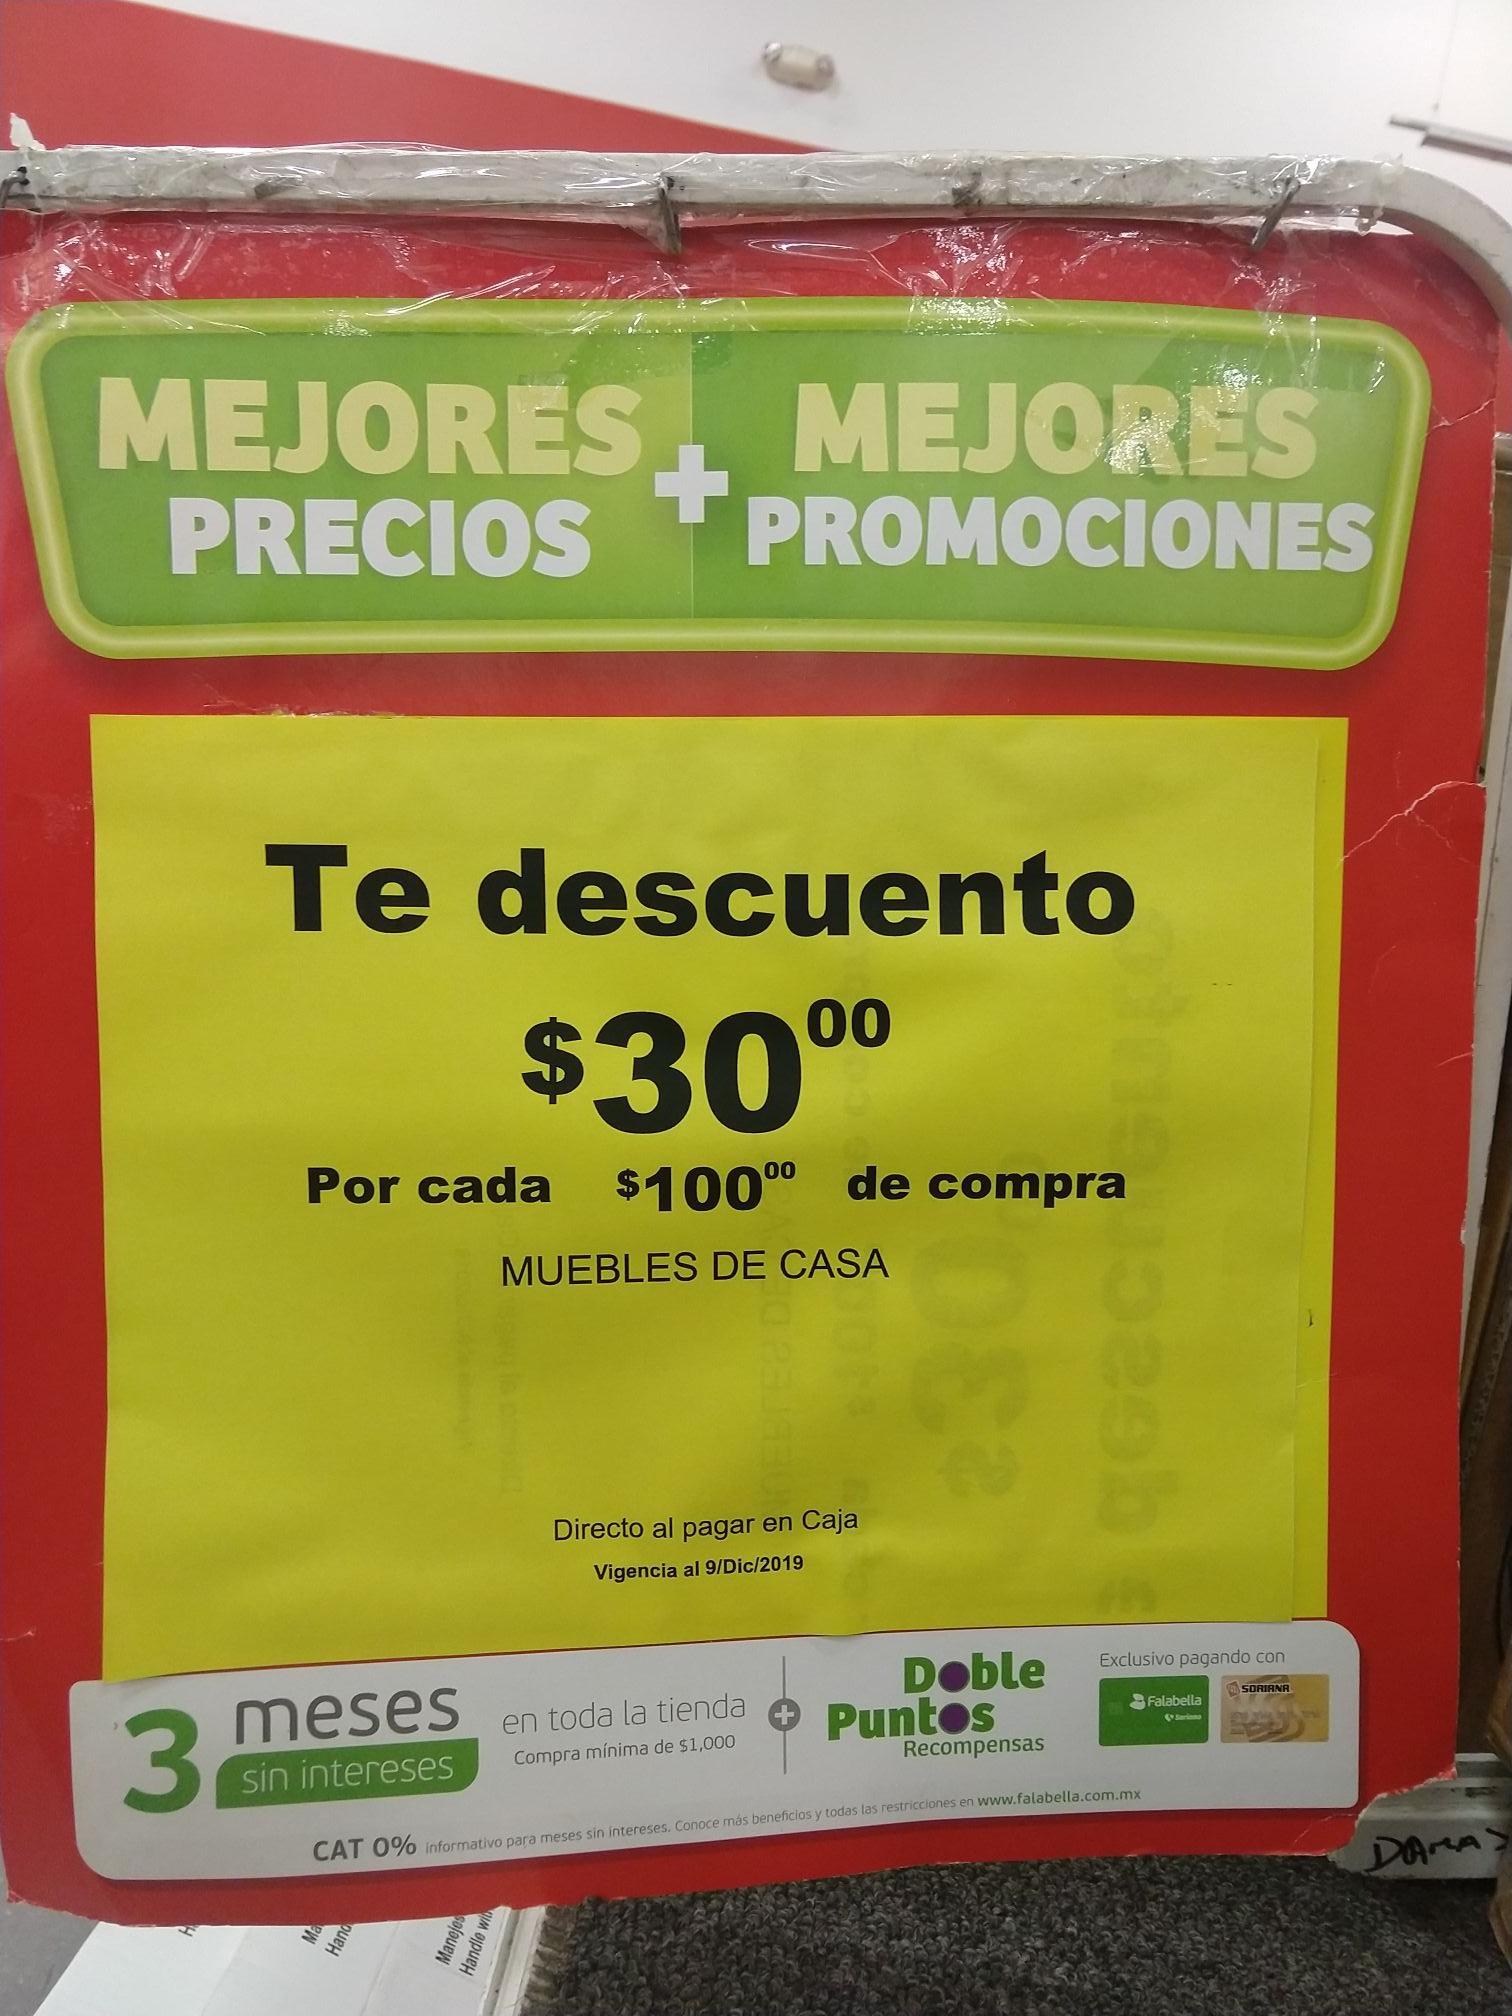 Soriana: Soriana Hiper Plaza el paseo Cancún, te descuentan 30 pesos por cada 100 de compra en muebles de hogar